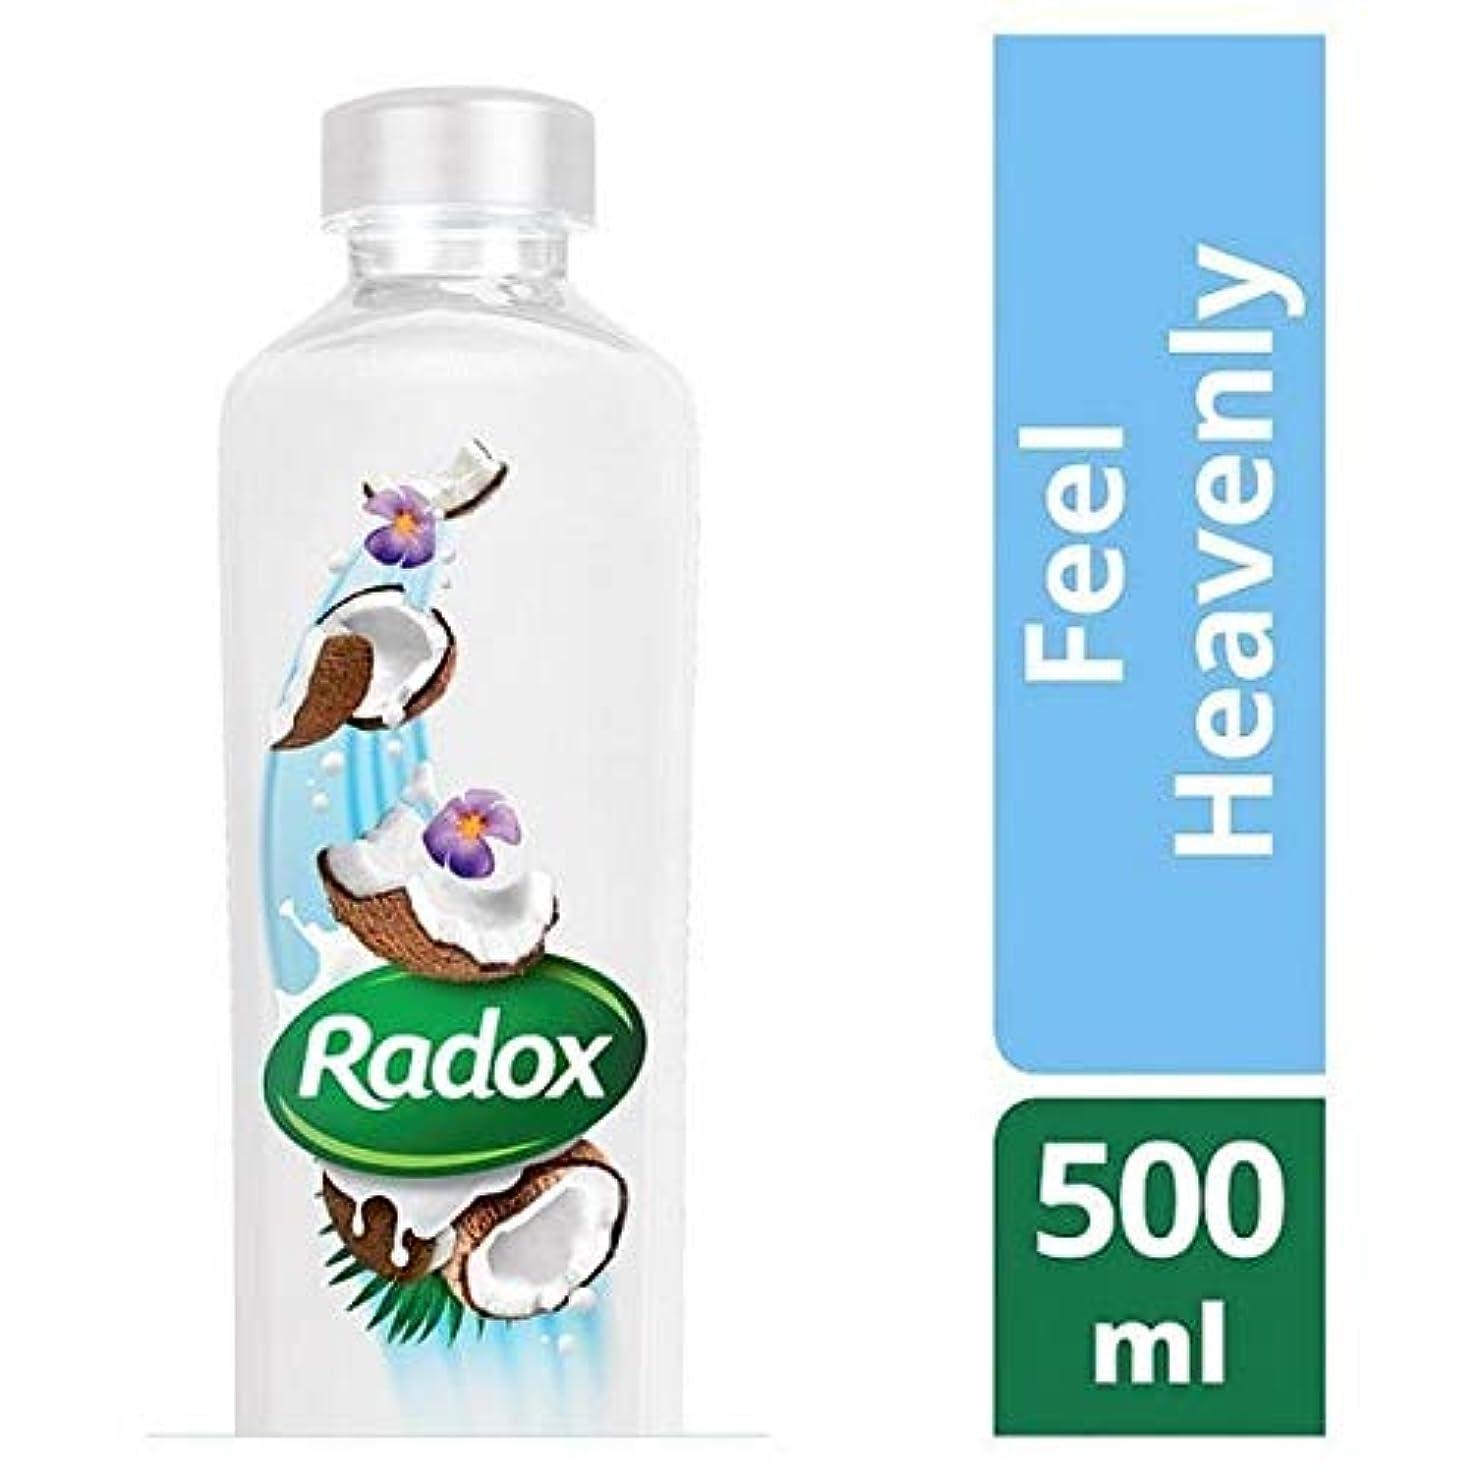 注釈を付けるエッセイプライバシー[Radox] Radoxは天国の500ミリリットルを感じます - Radox Feel Heavenly 500ml [並行輸入品]